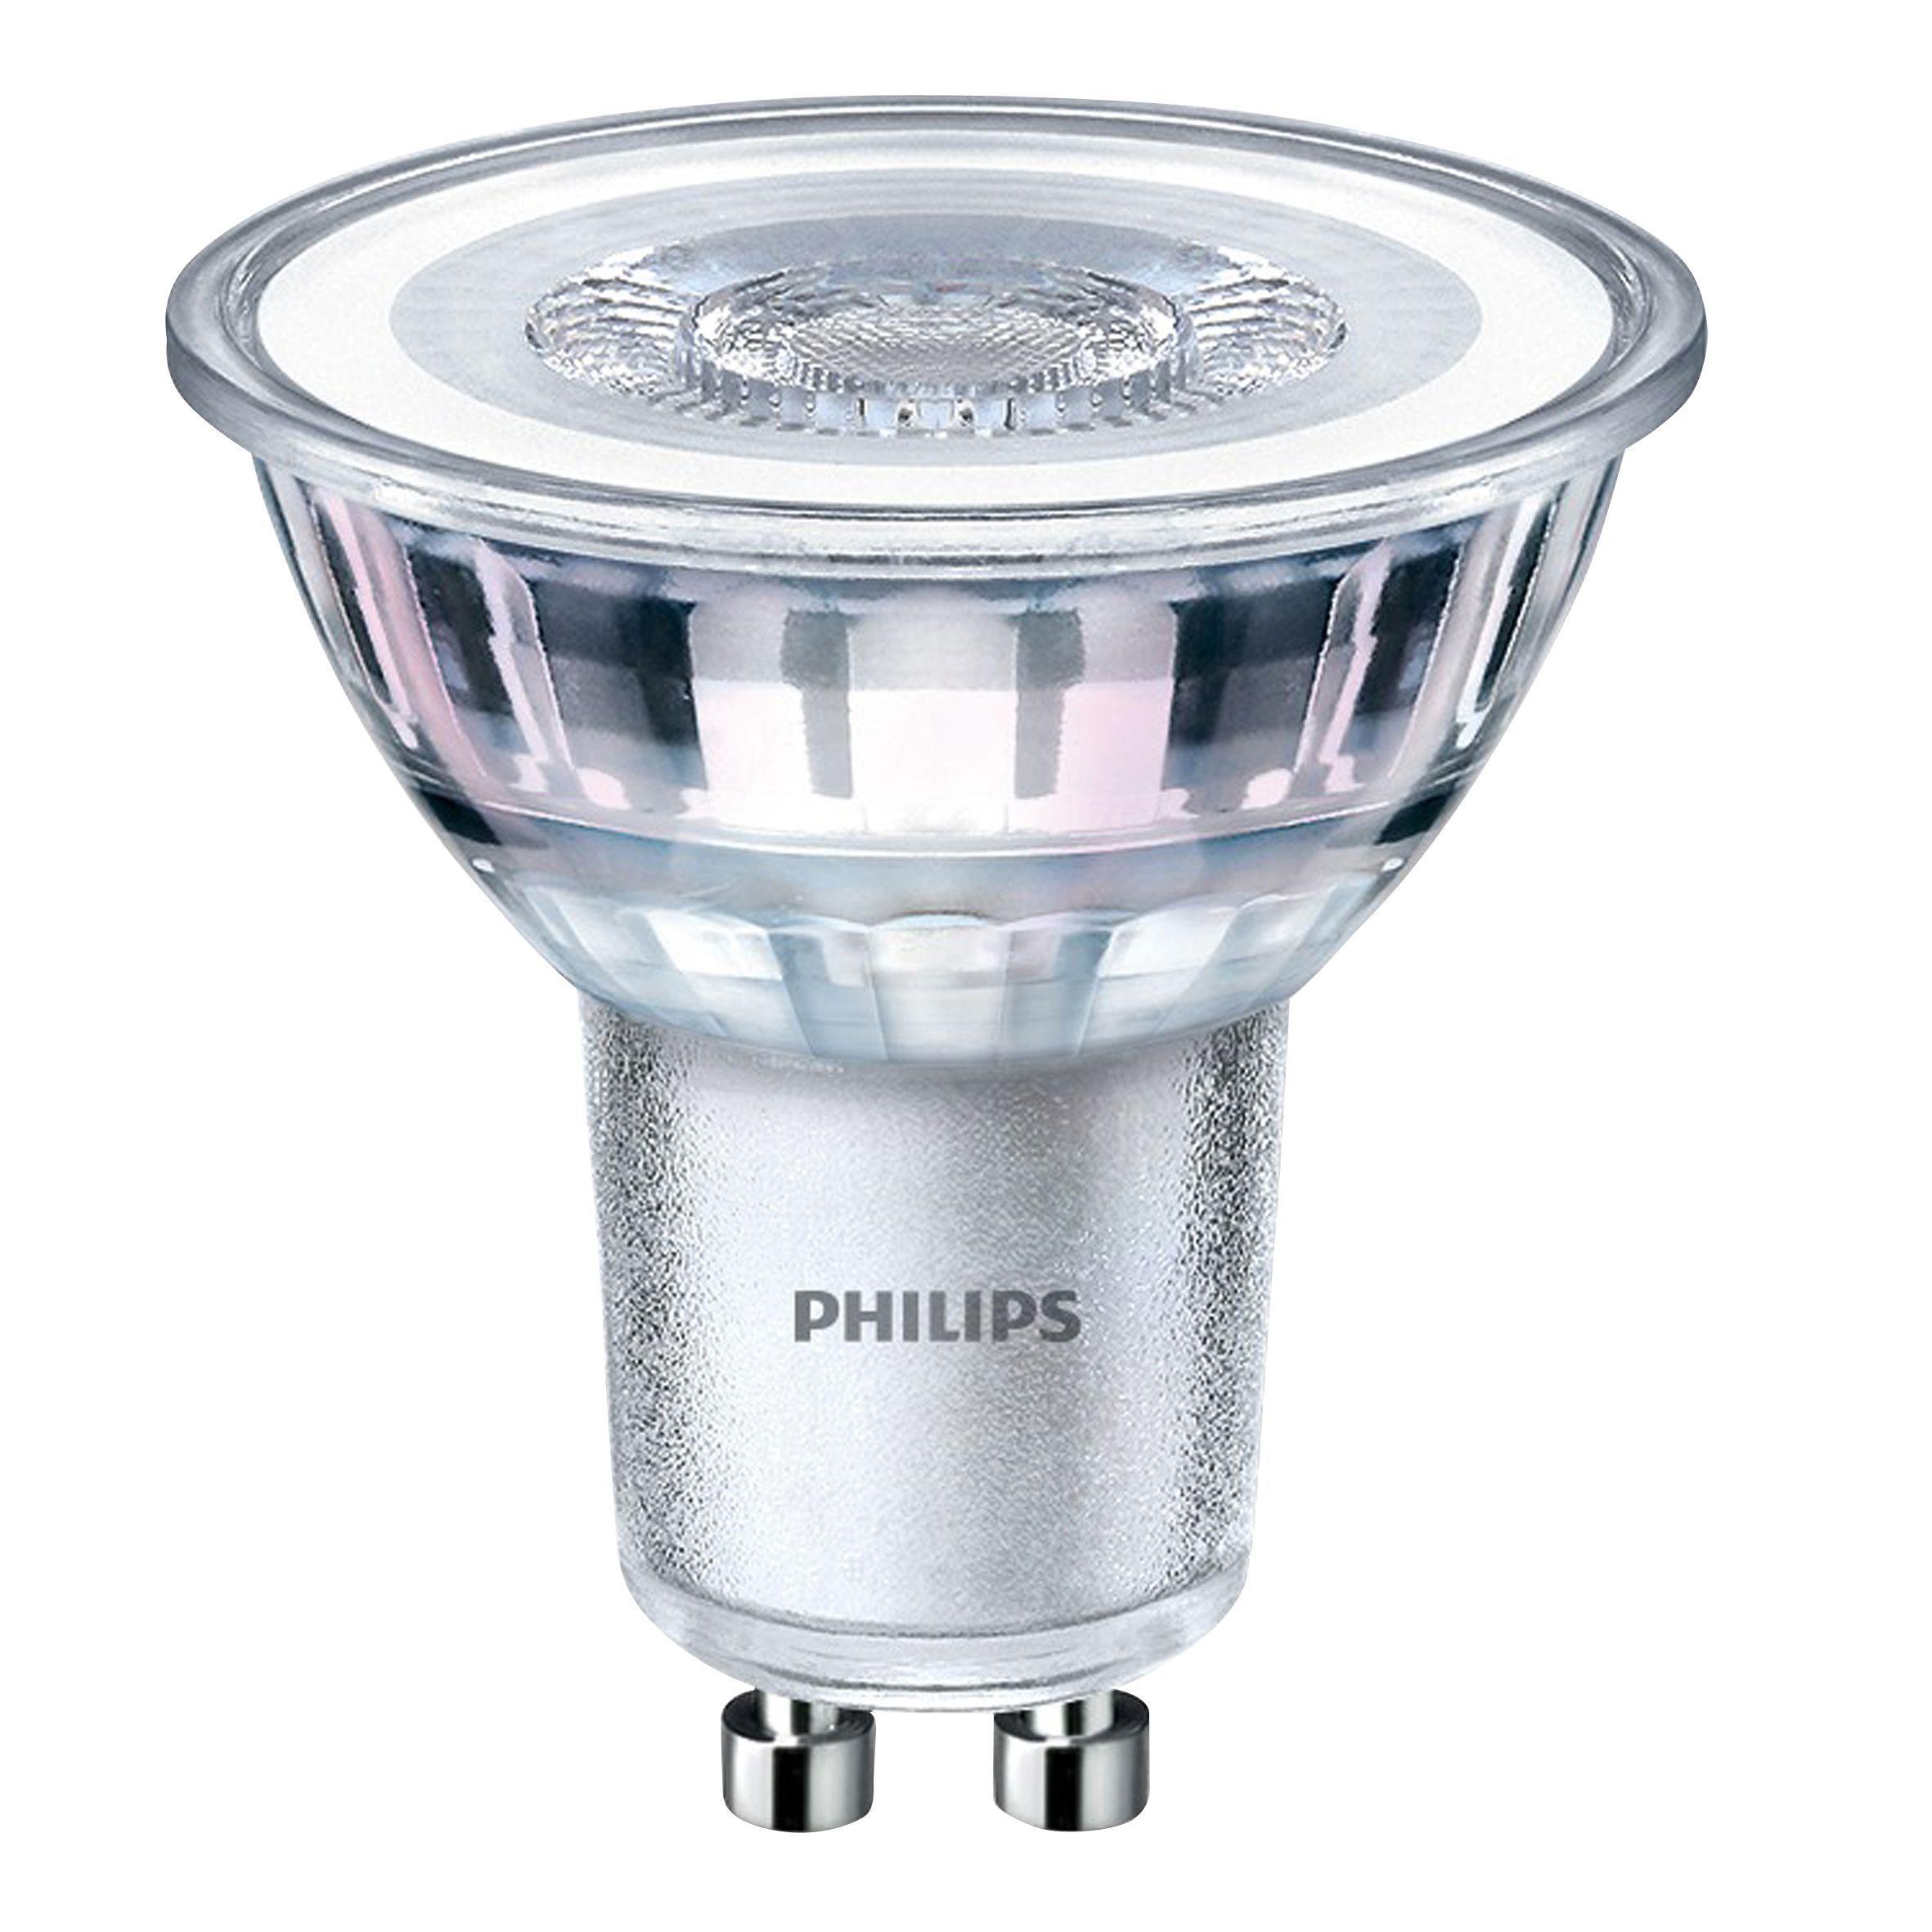 8718696582572_01c Schöne Philips Led Gu5 3 Dekorationen